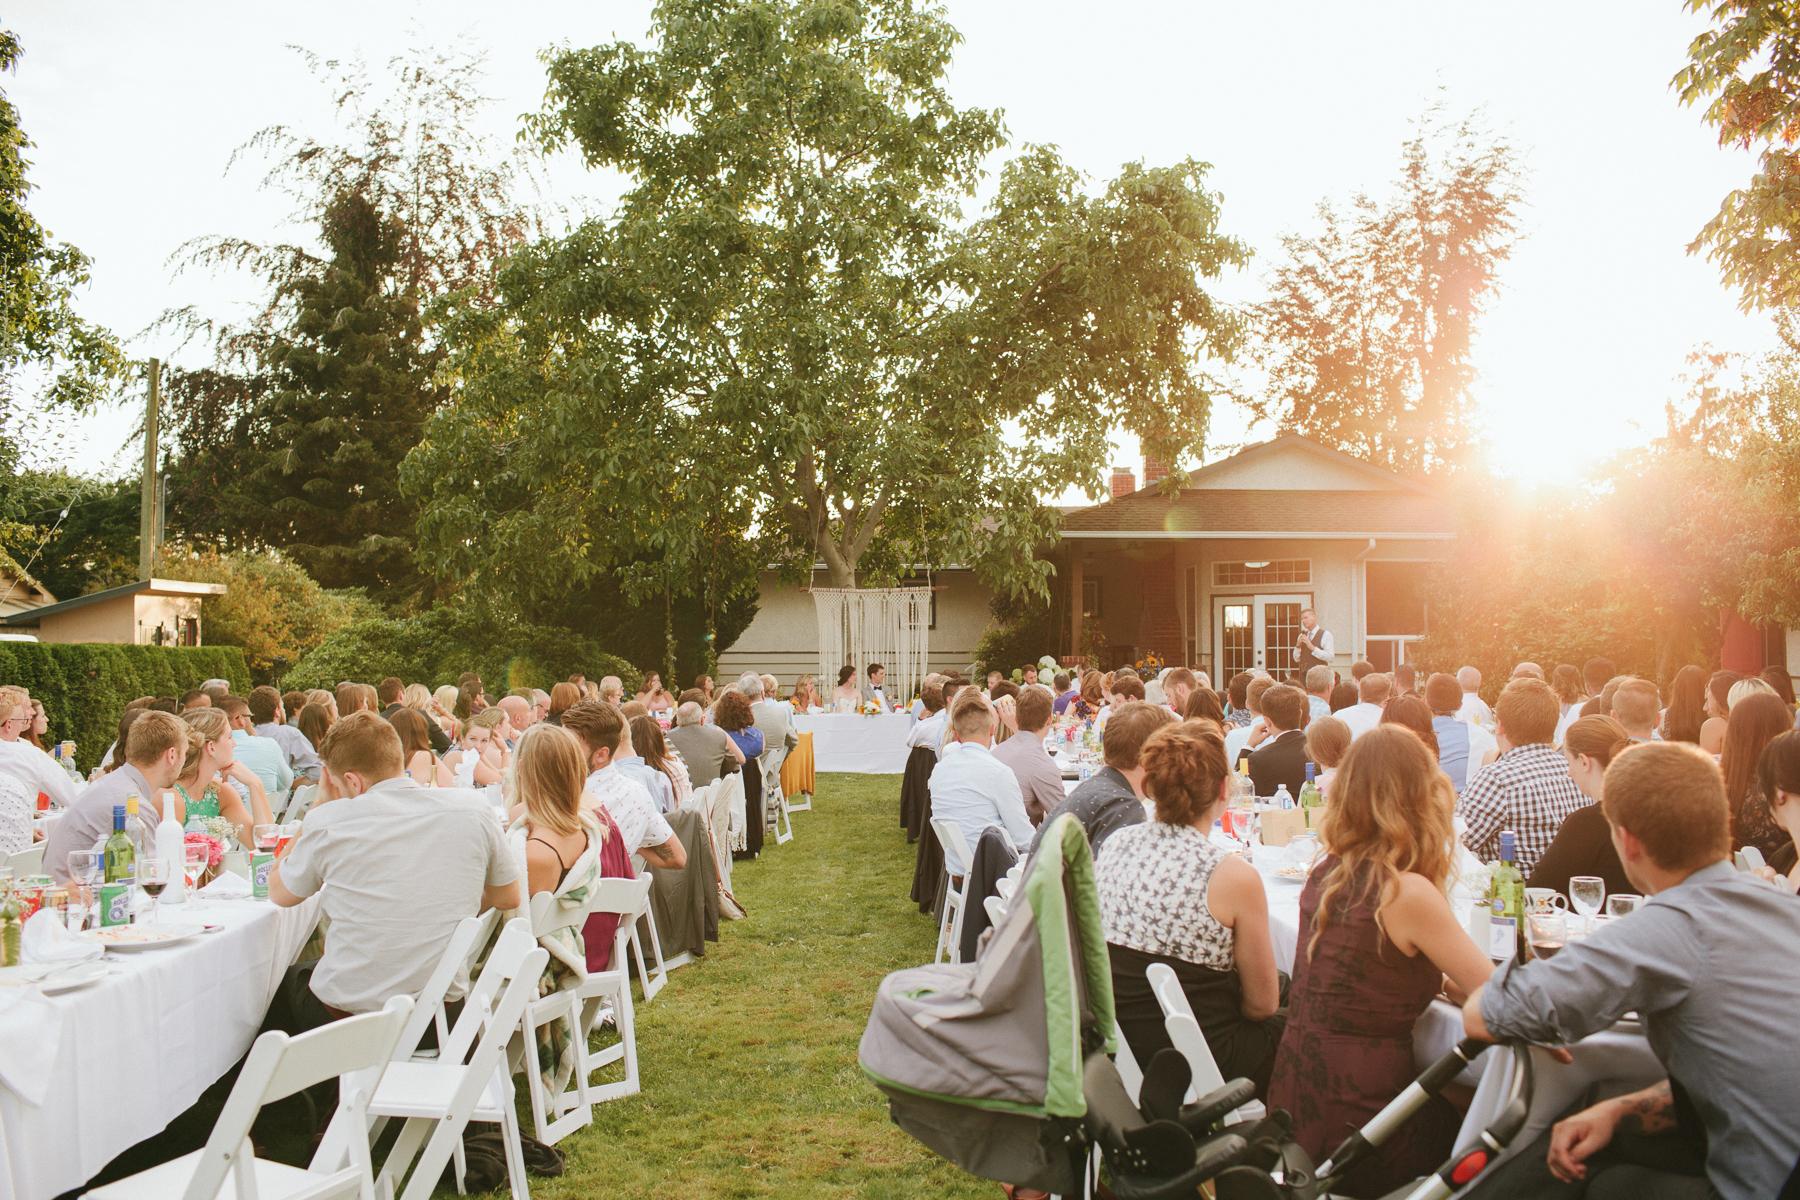 Vancouver-Rustic-Farm-Wedding-KB-183.jpg